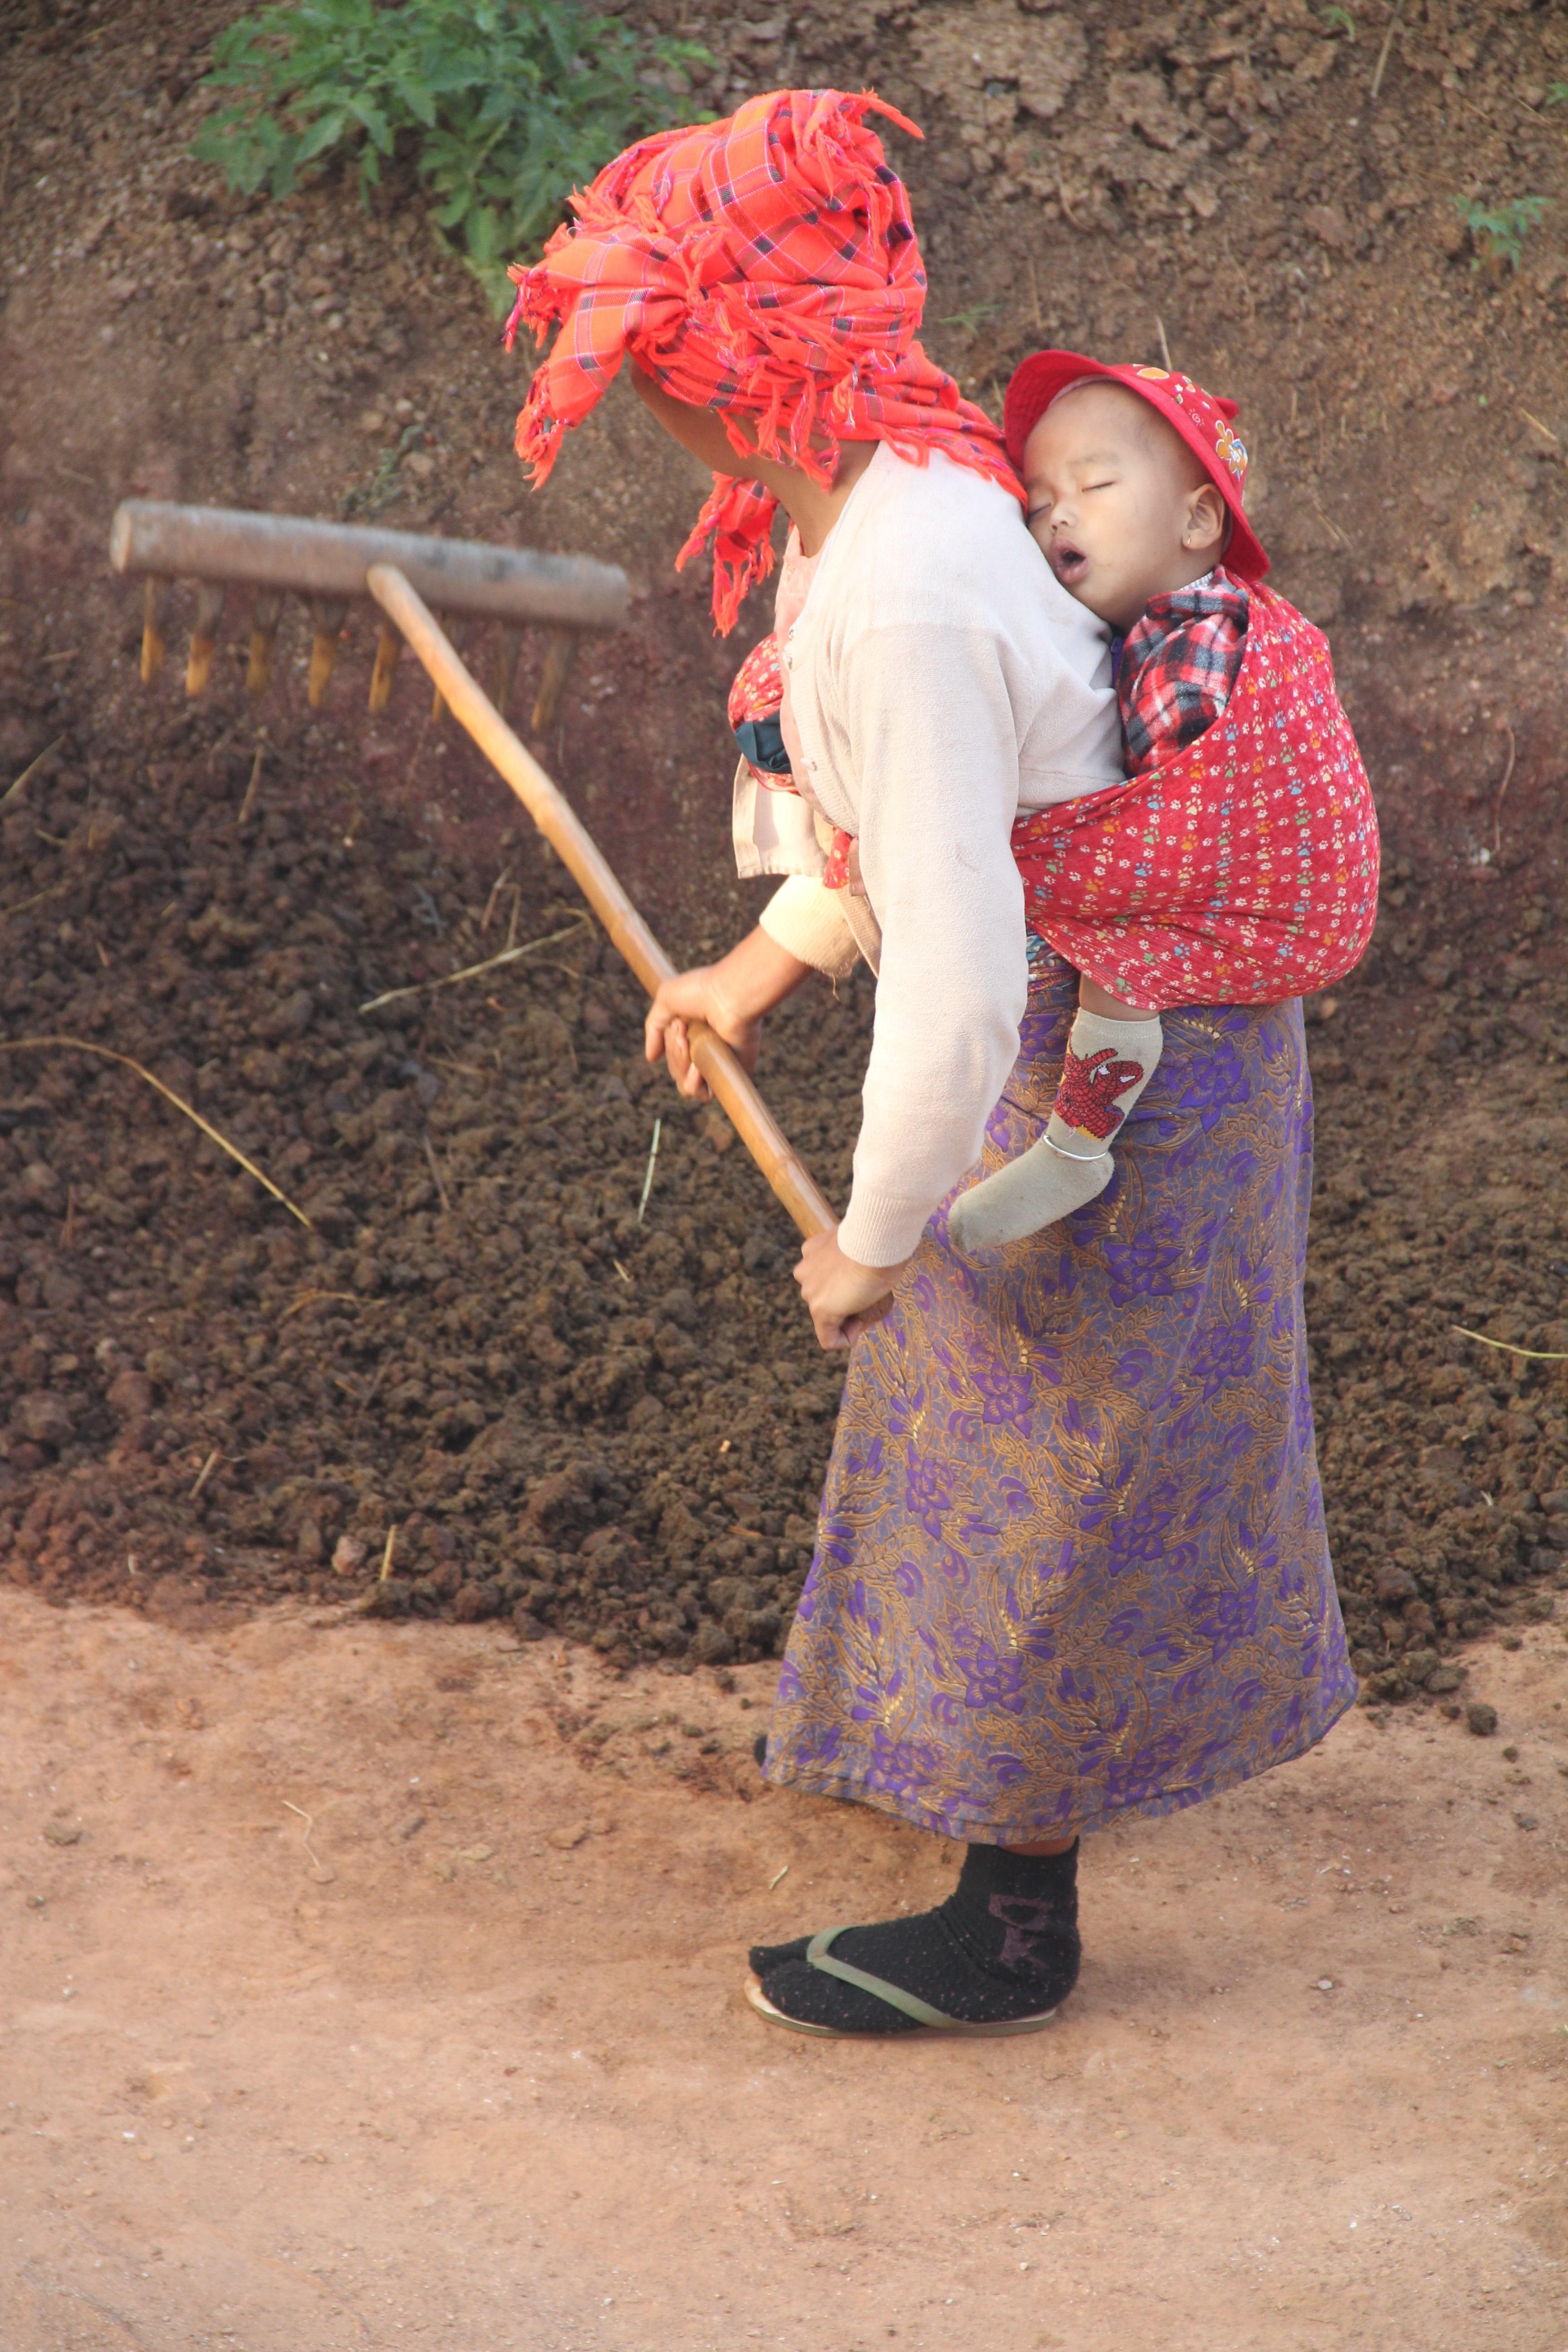 Devant sa maison, une femme travaille la terre avec son bébé sur le dos (© Aurélie Bacheley).